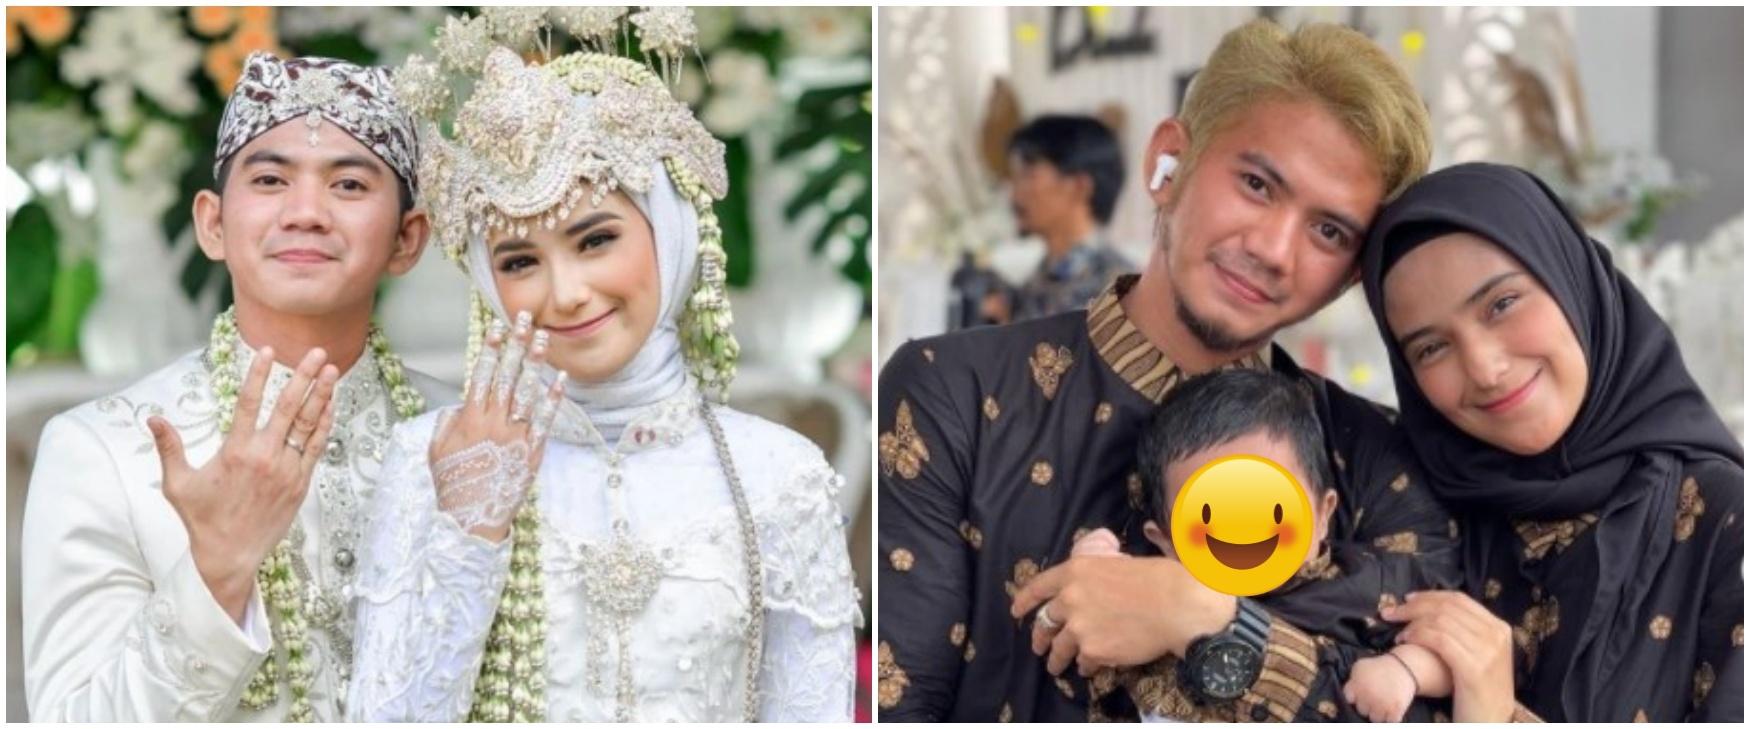 Rizki DA dan Nadya Mustika menikah lagi, akui sempat merasa canggung